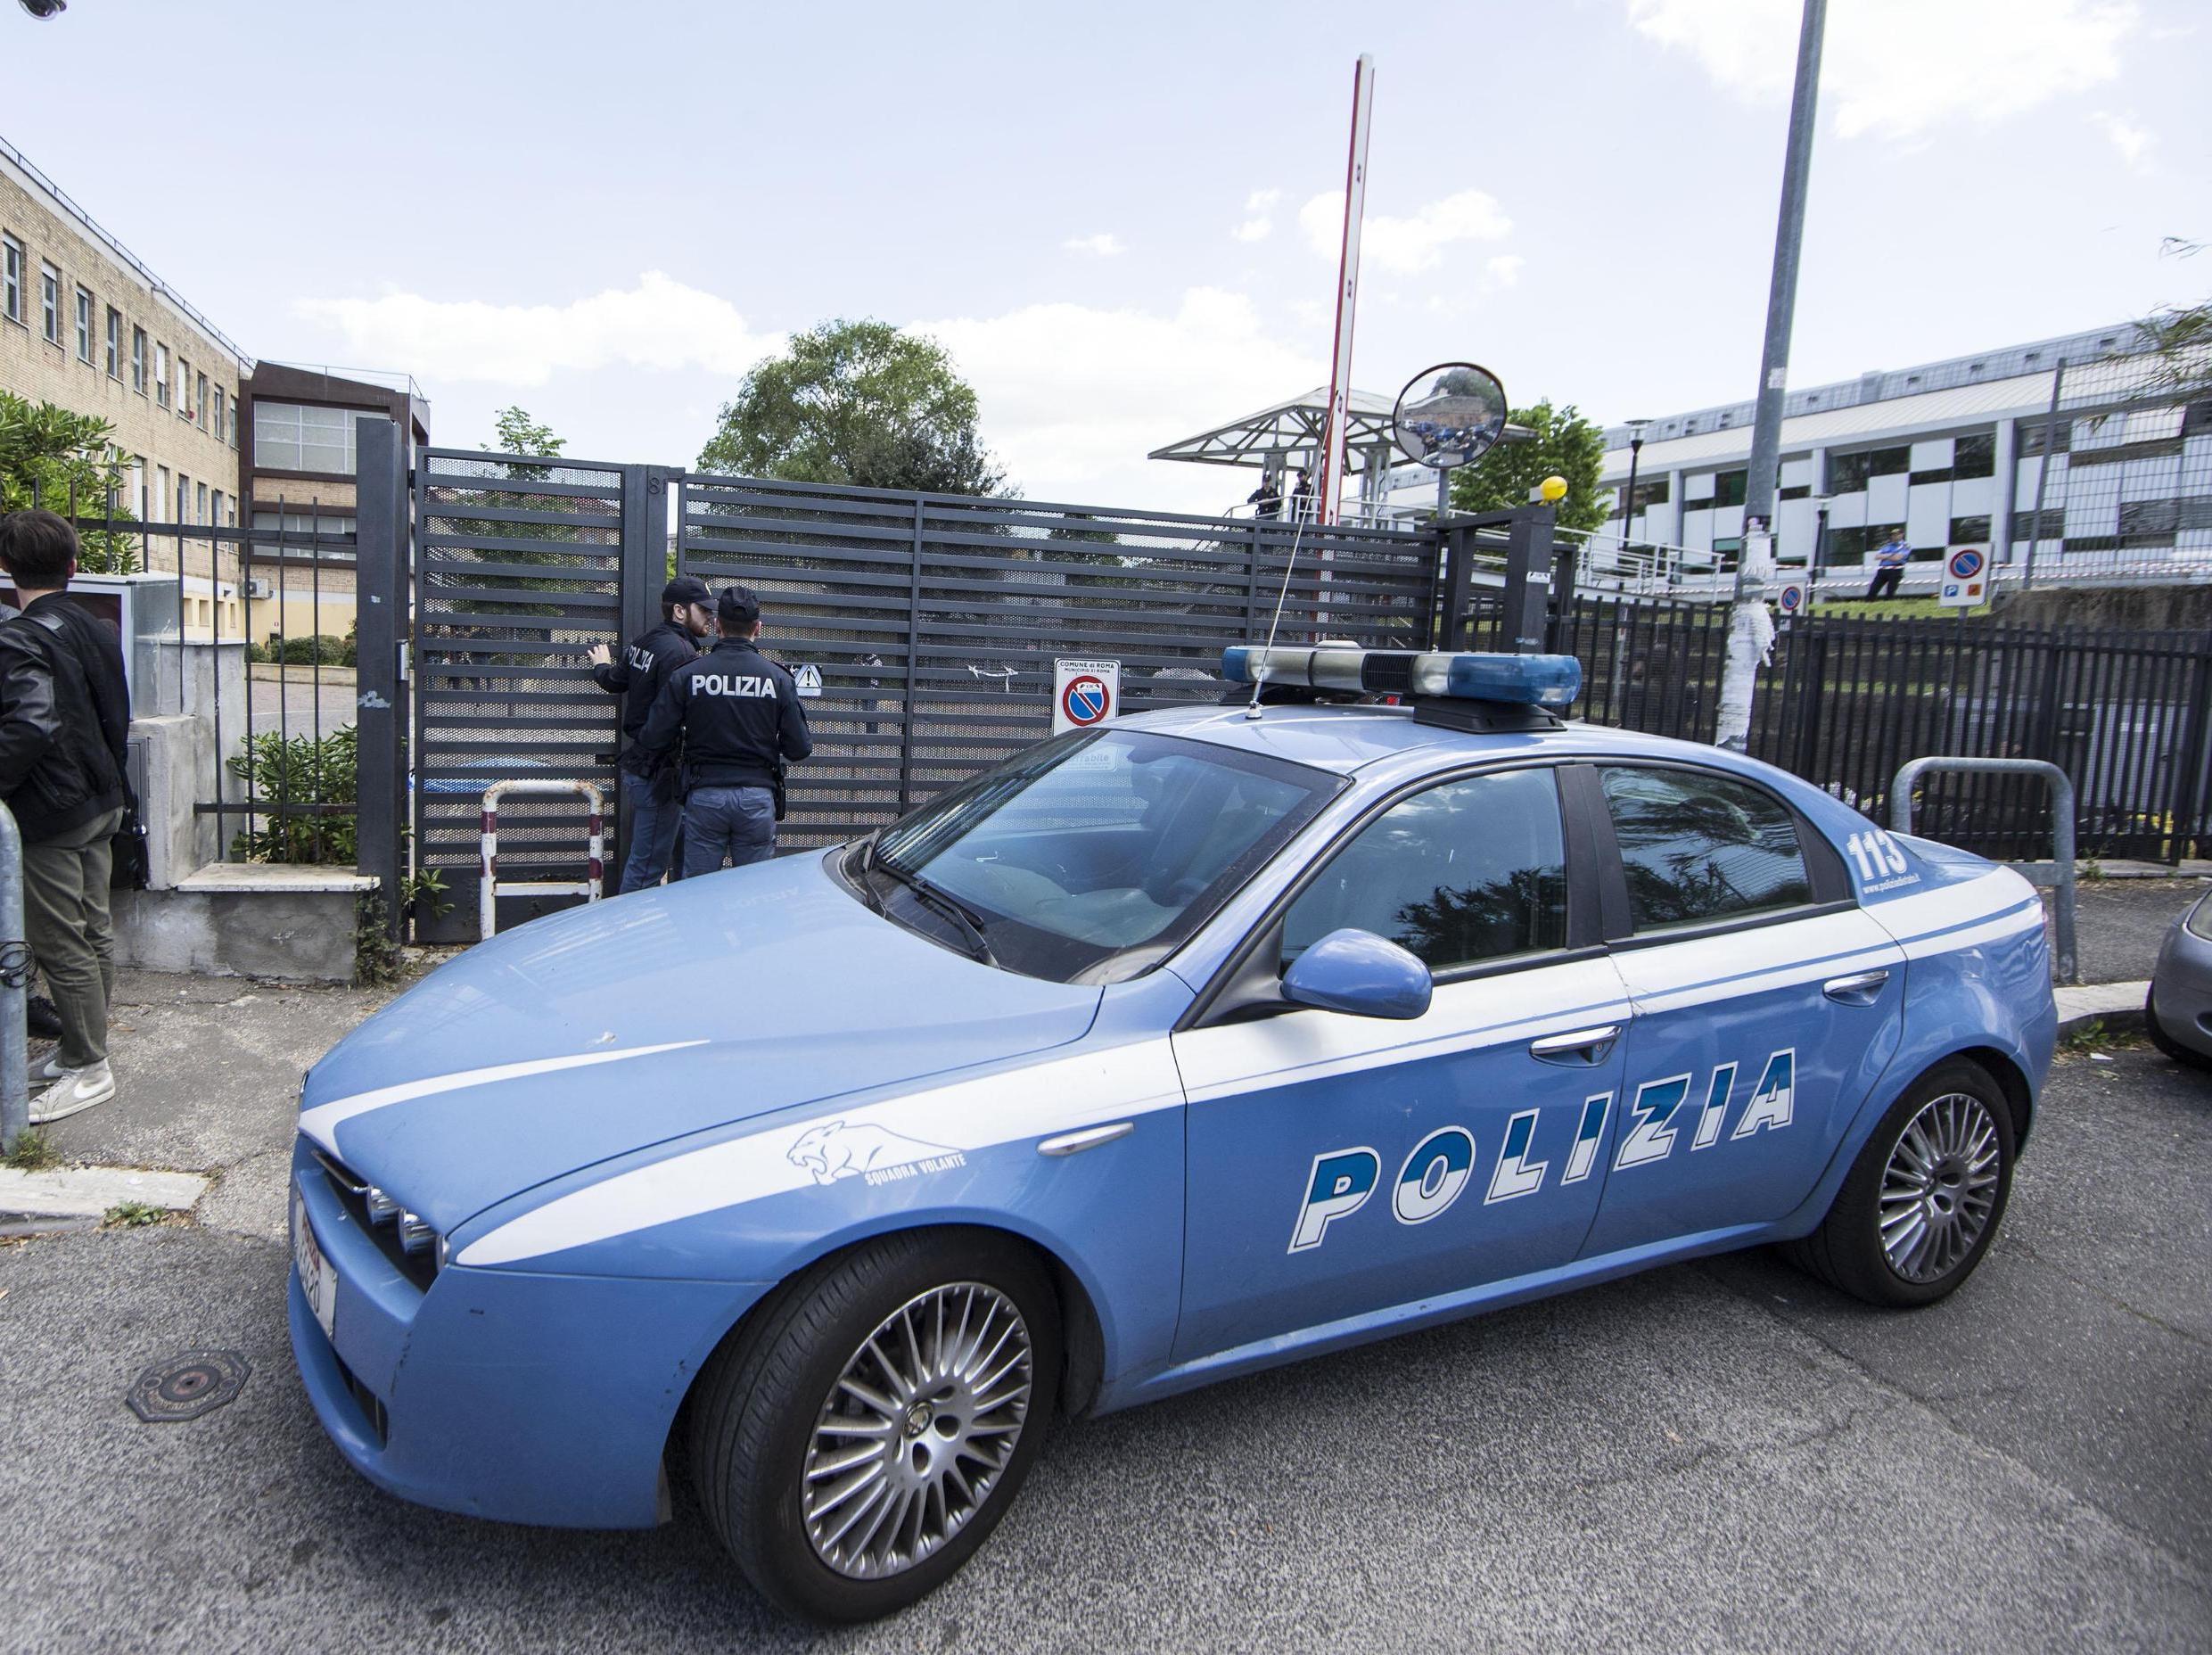 Si innamora di un richiedente asilo ma poi esplode la violenza: arrestato migrante 25enne